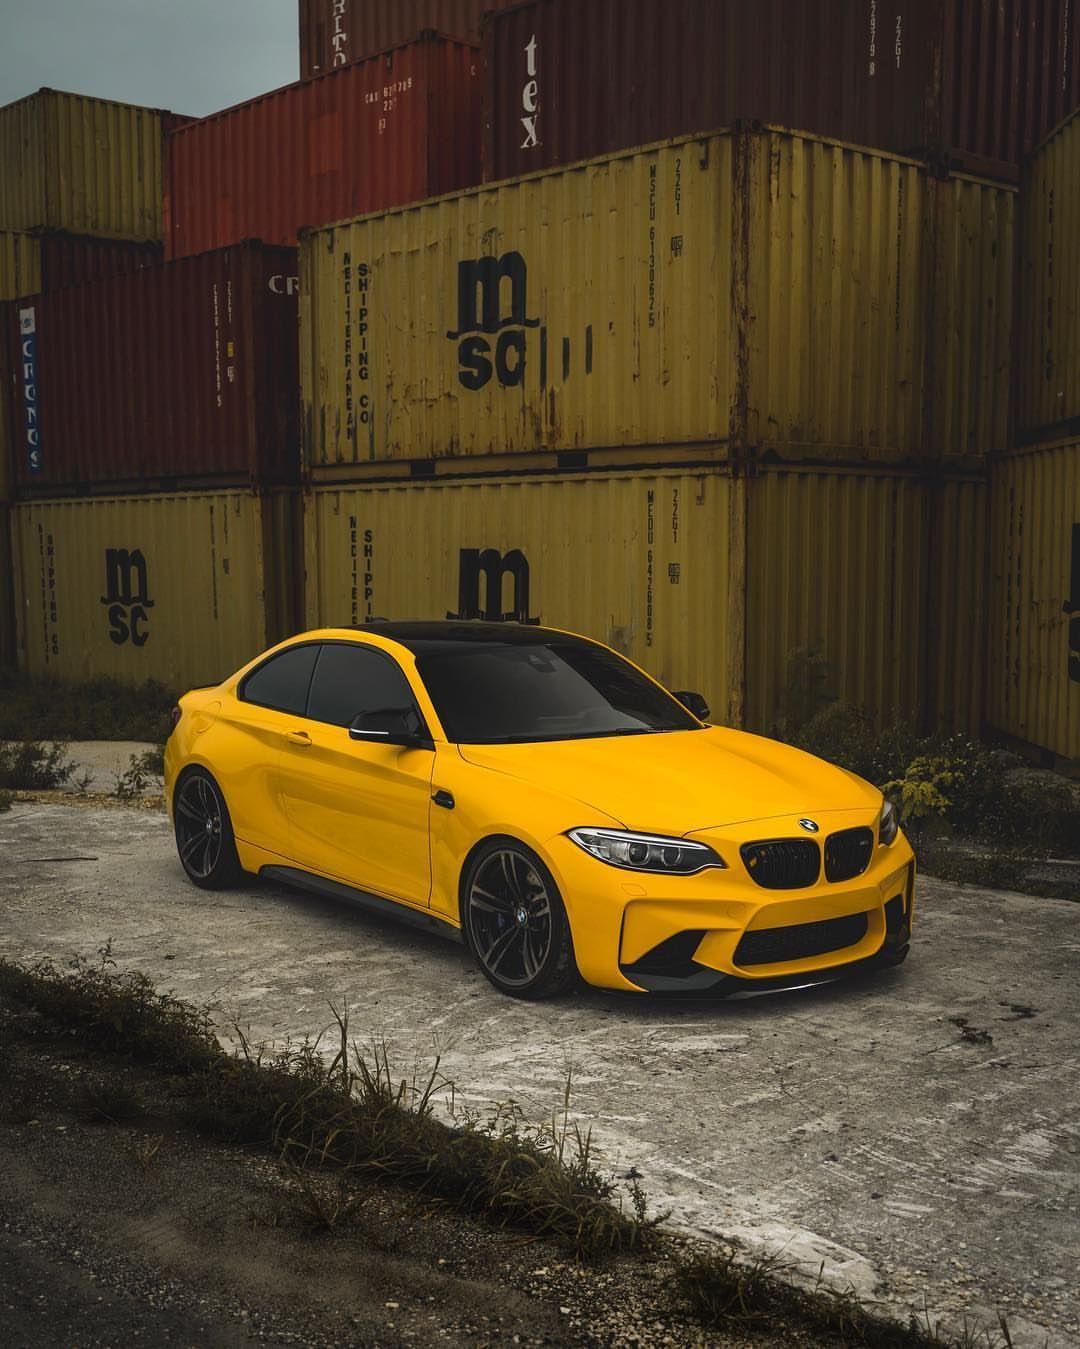 BMW F87 M2 yellow | Bmw, Bmw m4, Bmw classic